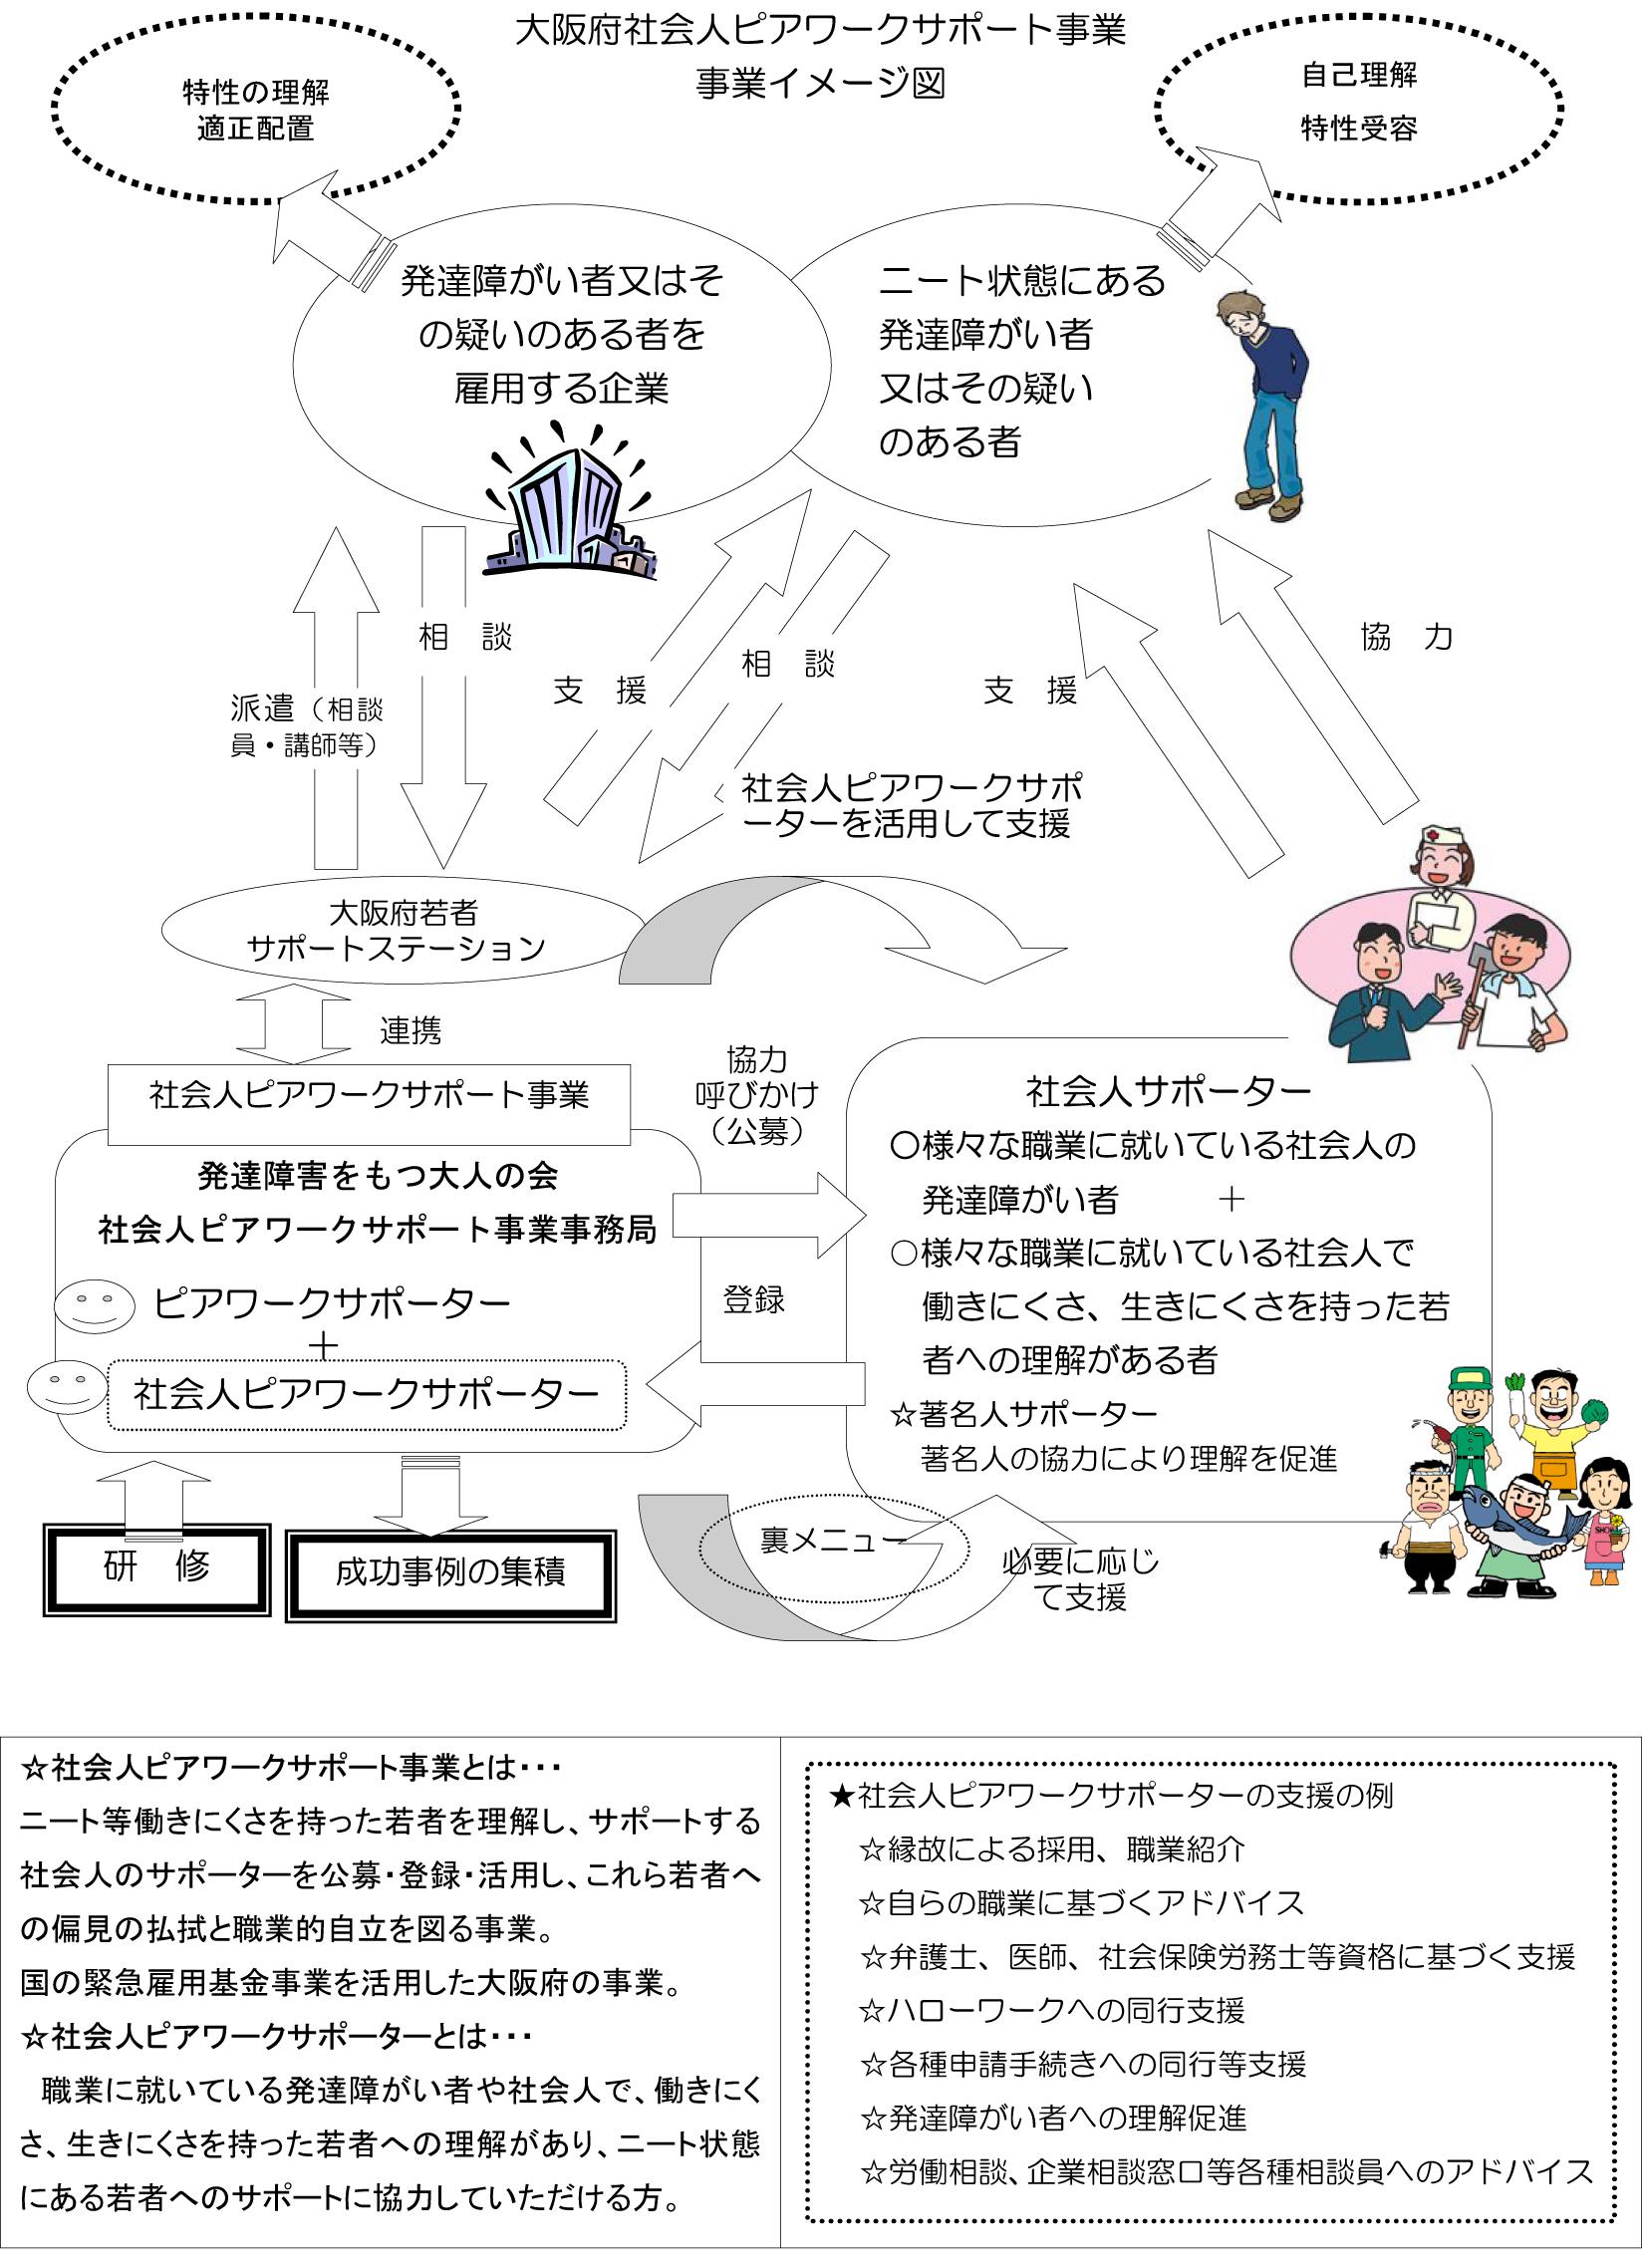 支援イメージ図